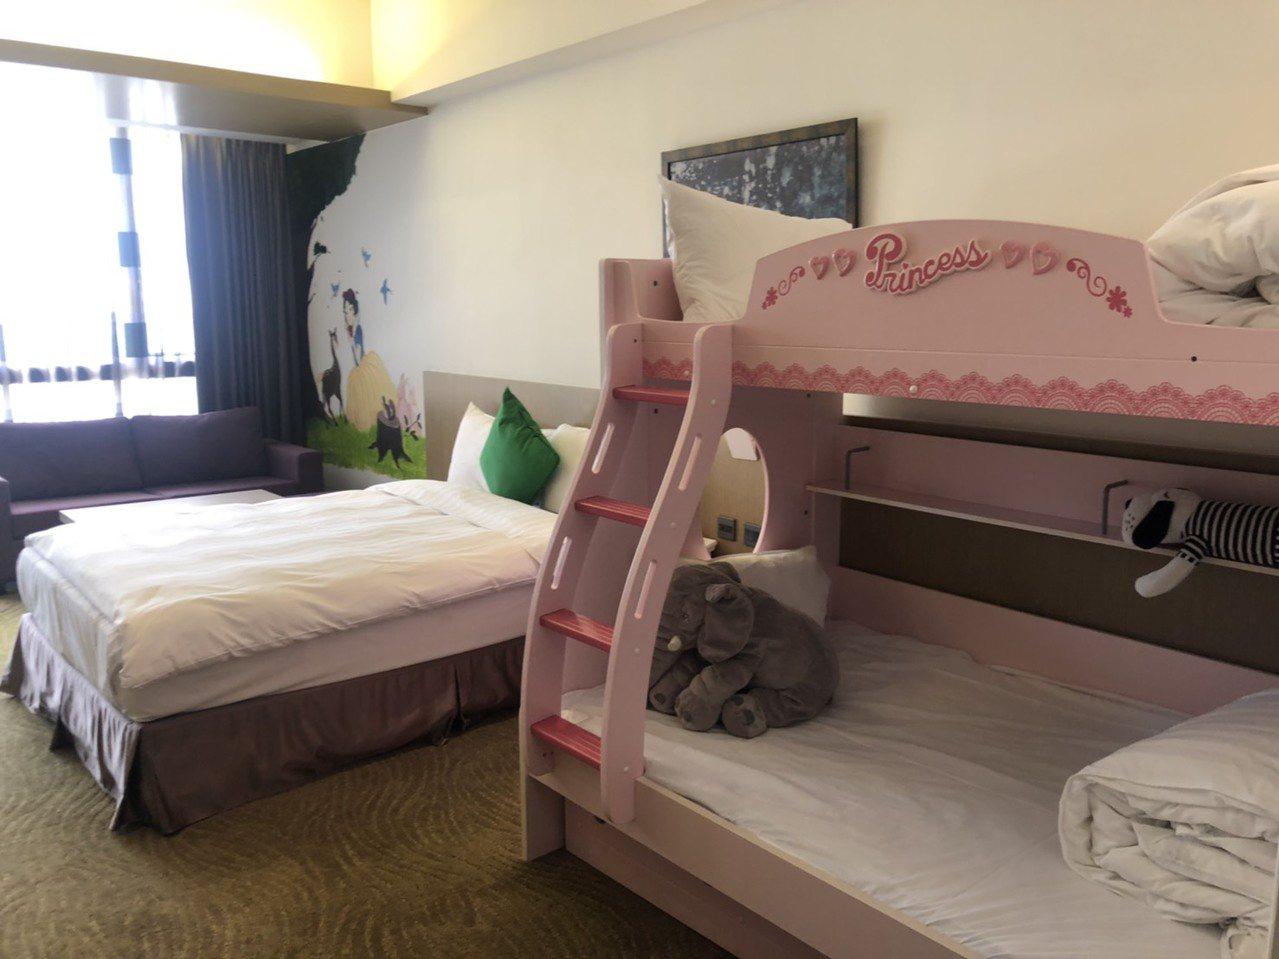 樂億皇家渡假酒店親子房還有兒童床架。 記者李承穎/攝影